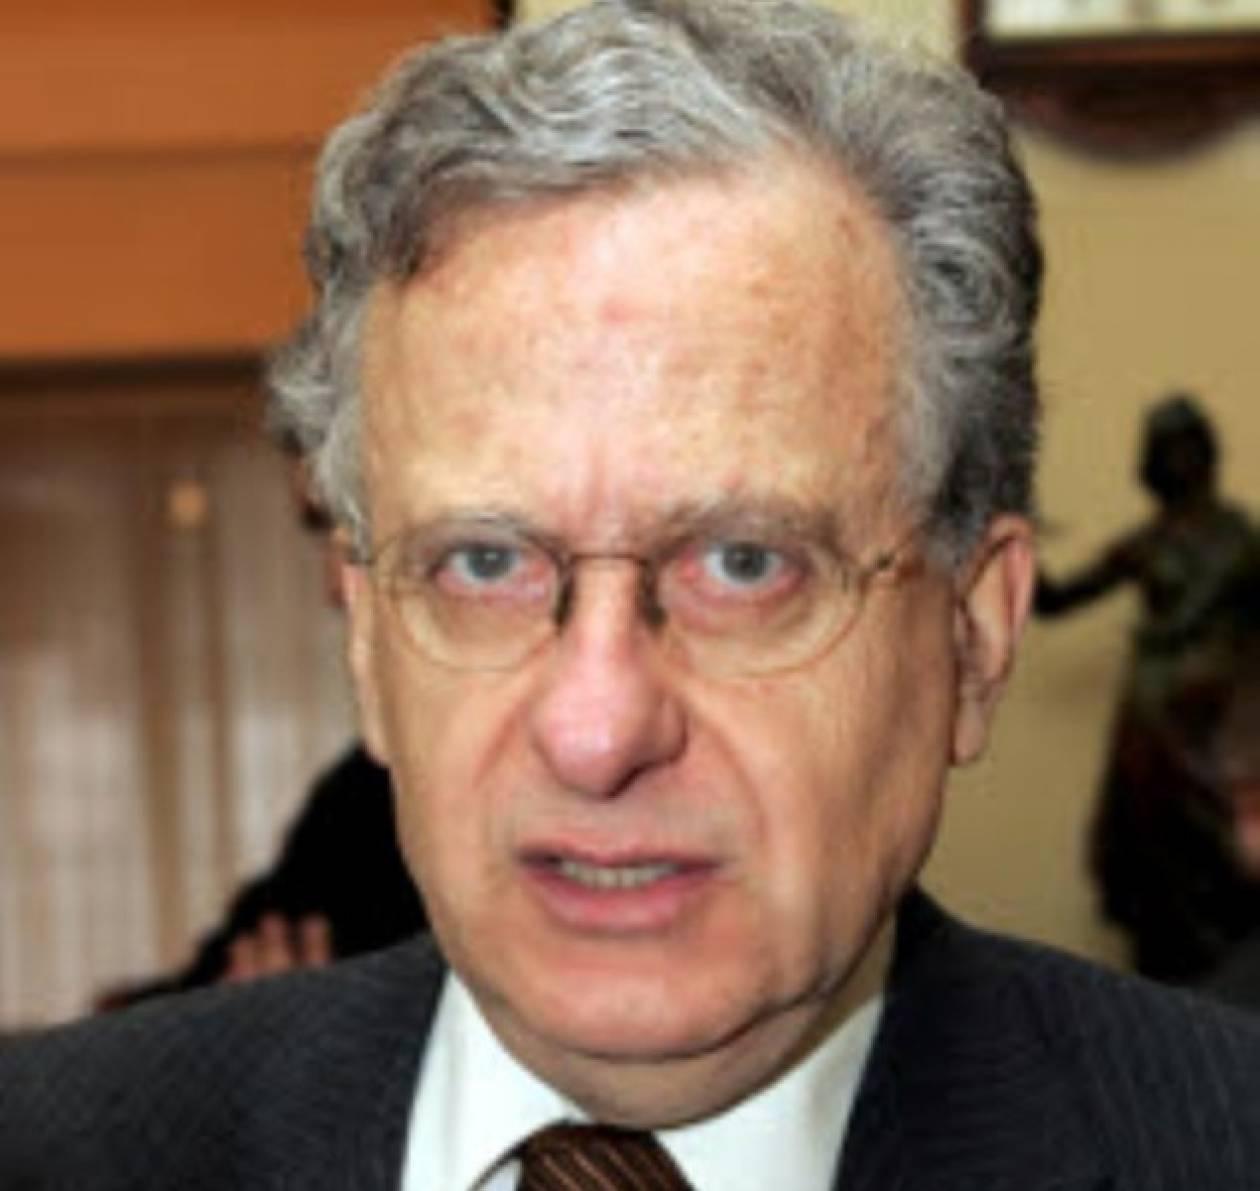 Σταυρόπουλος: Κανονική και όχι ειδικού σκοπού η κυβέρνηση Παπαδήμου